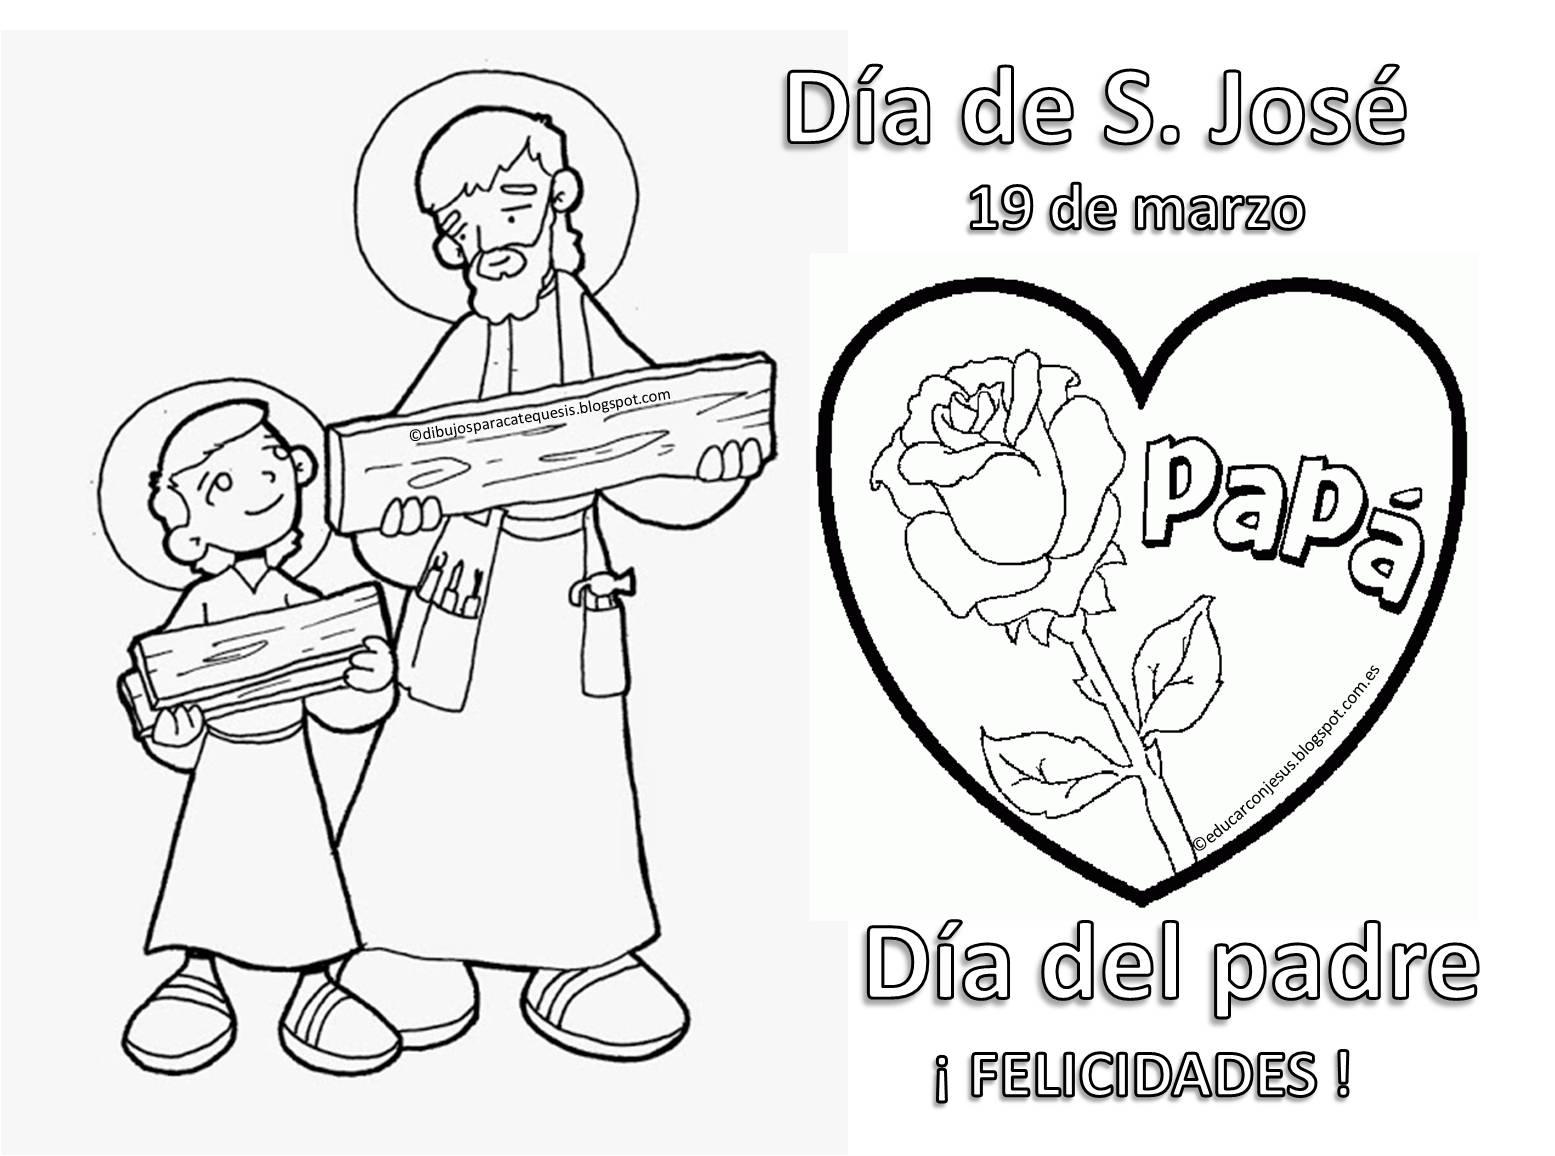 Educar con Jesús: 19 de marzo Día de S. José - Día del padre